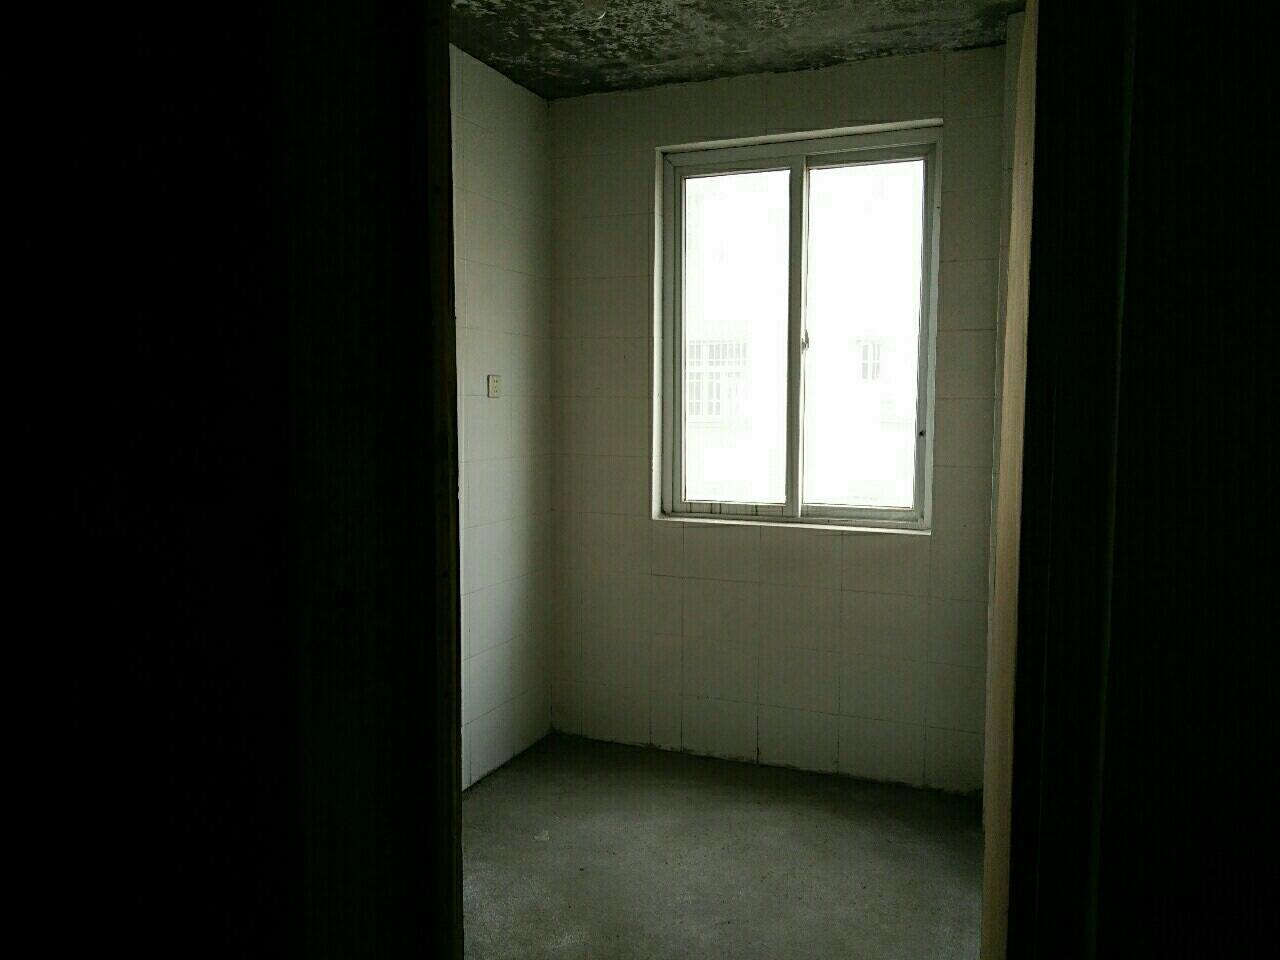 【出售】锦绣花园3室 2厅 2卫51万元